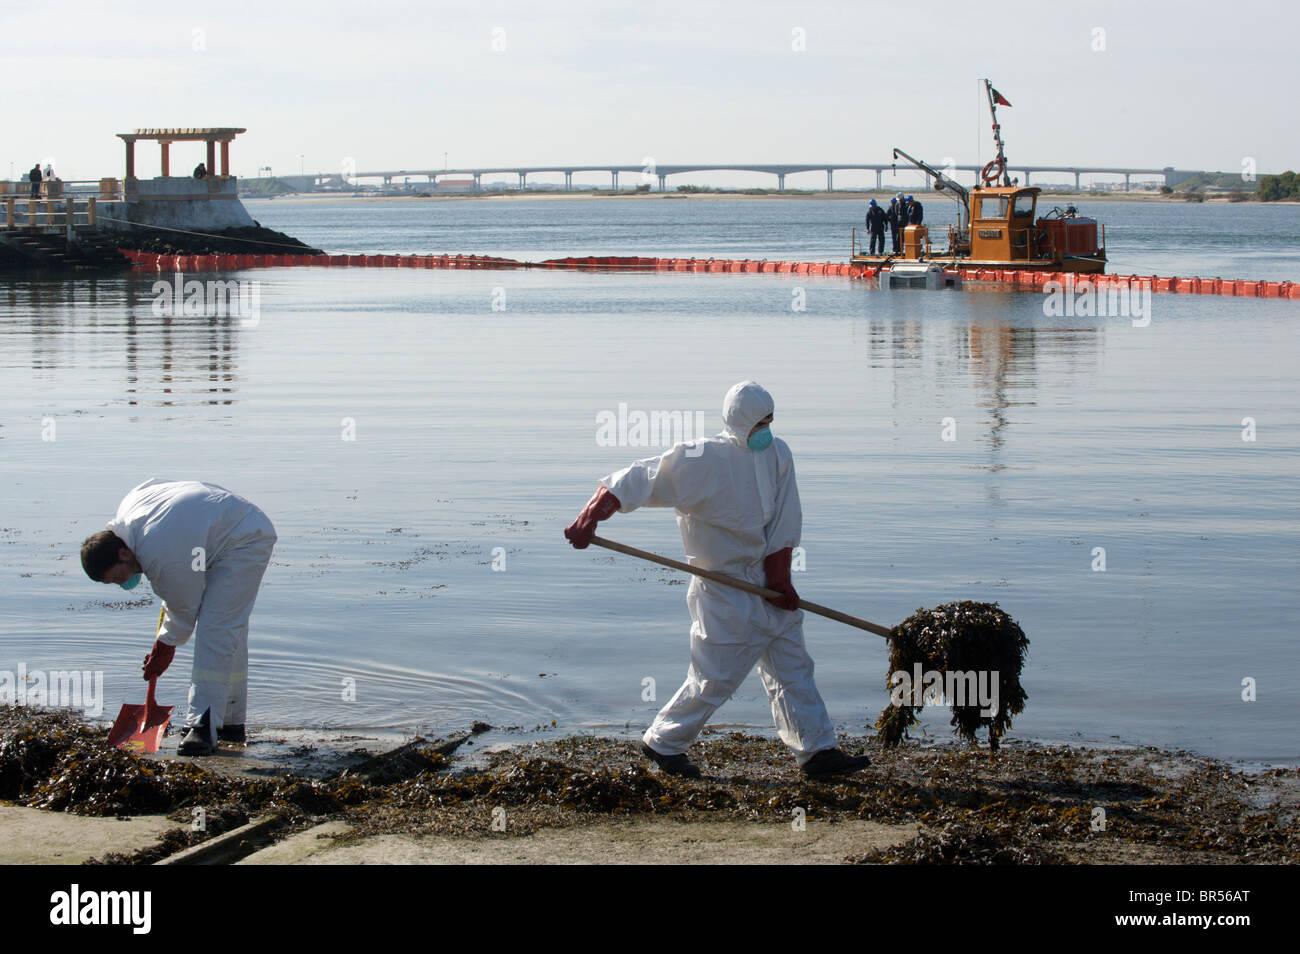 Gli uomini in pieno-corpo Indumenti di protezione e le maschere di respirazione pulire il dock mentre una barca Immagini Stock